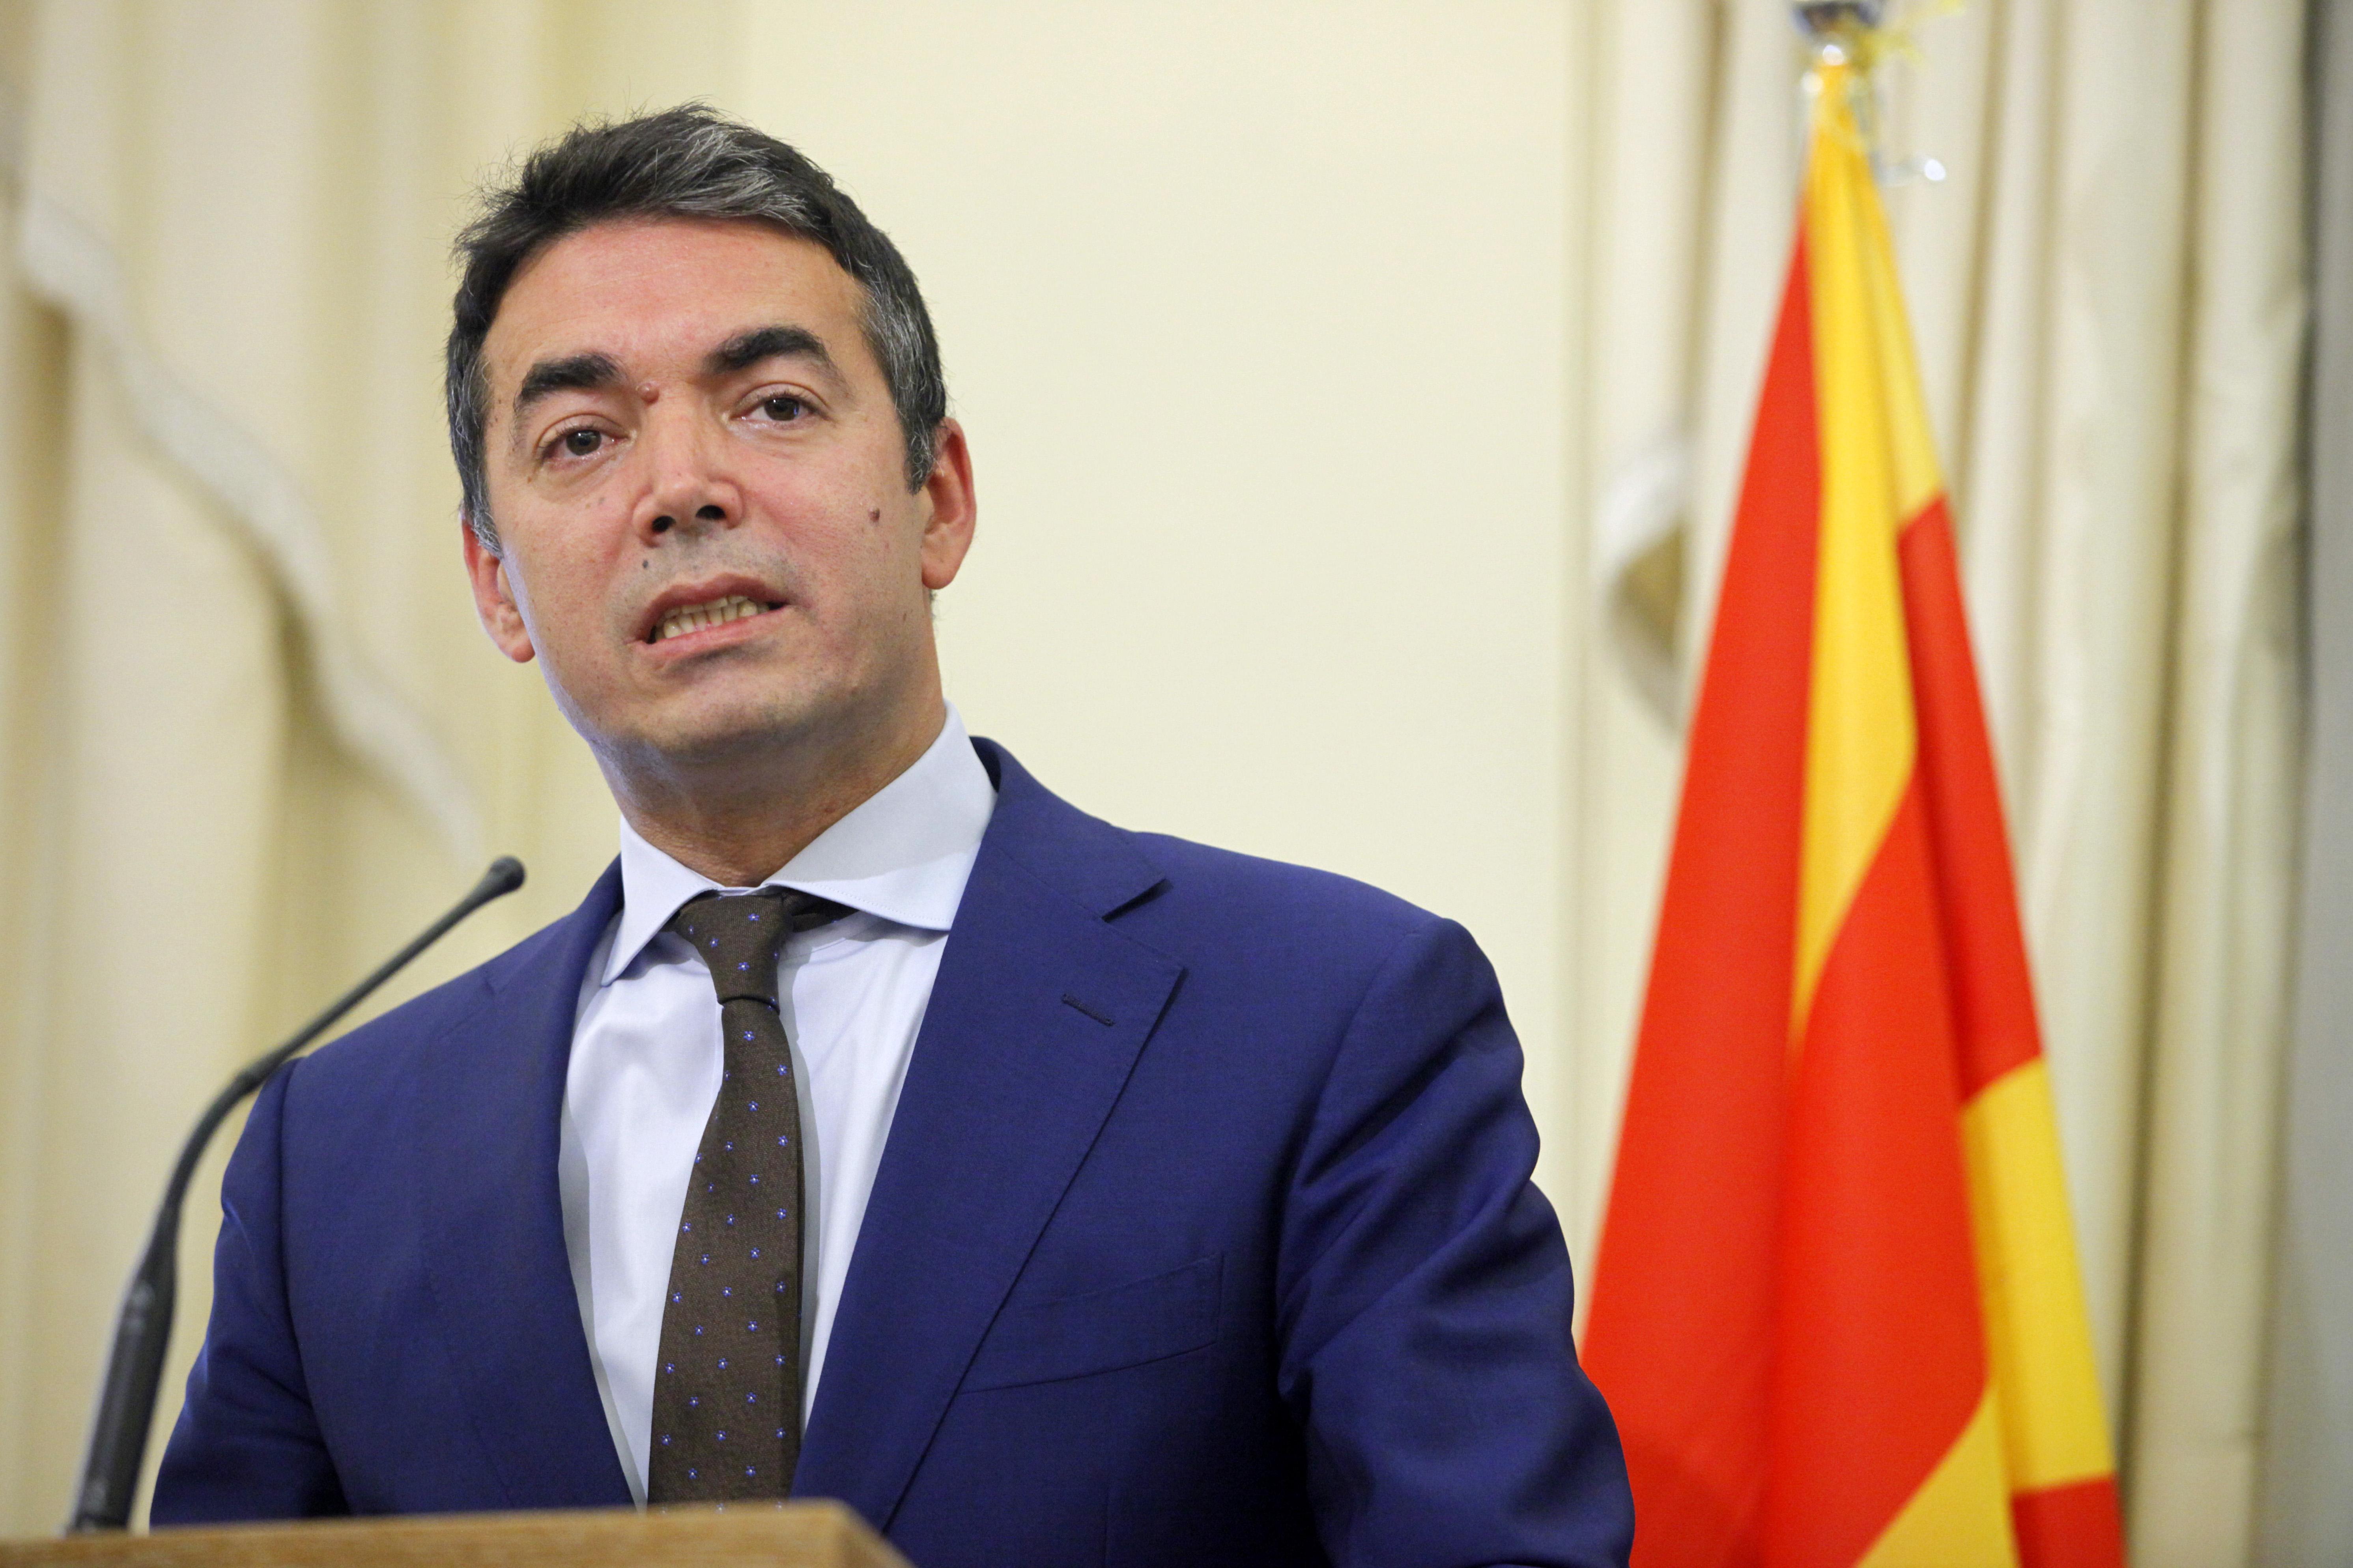 Ντιμιτρόφ: Δεν υπάρχουν διαφορές στα οράματα μεταξύ Ελλάδας – πΓΔΜ   tovima.gr